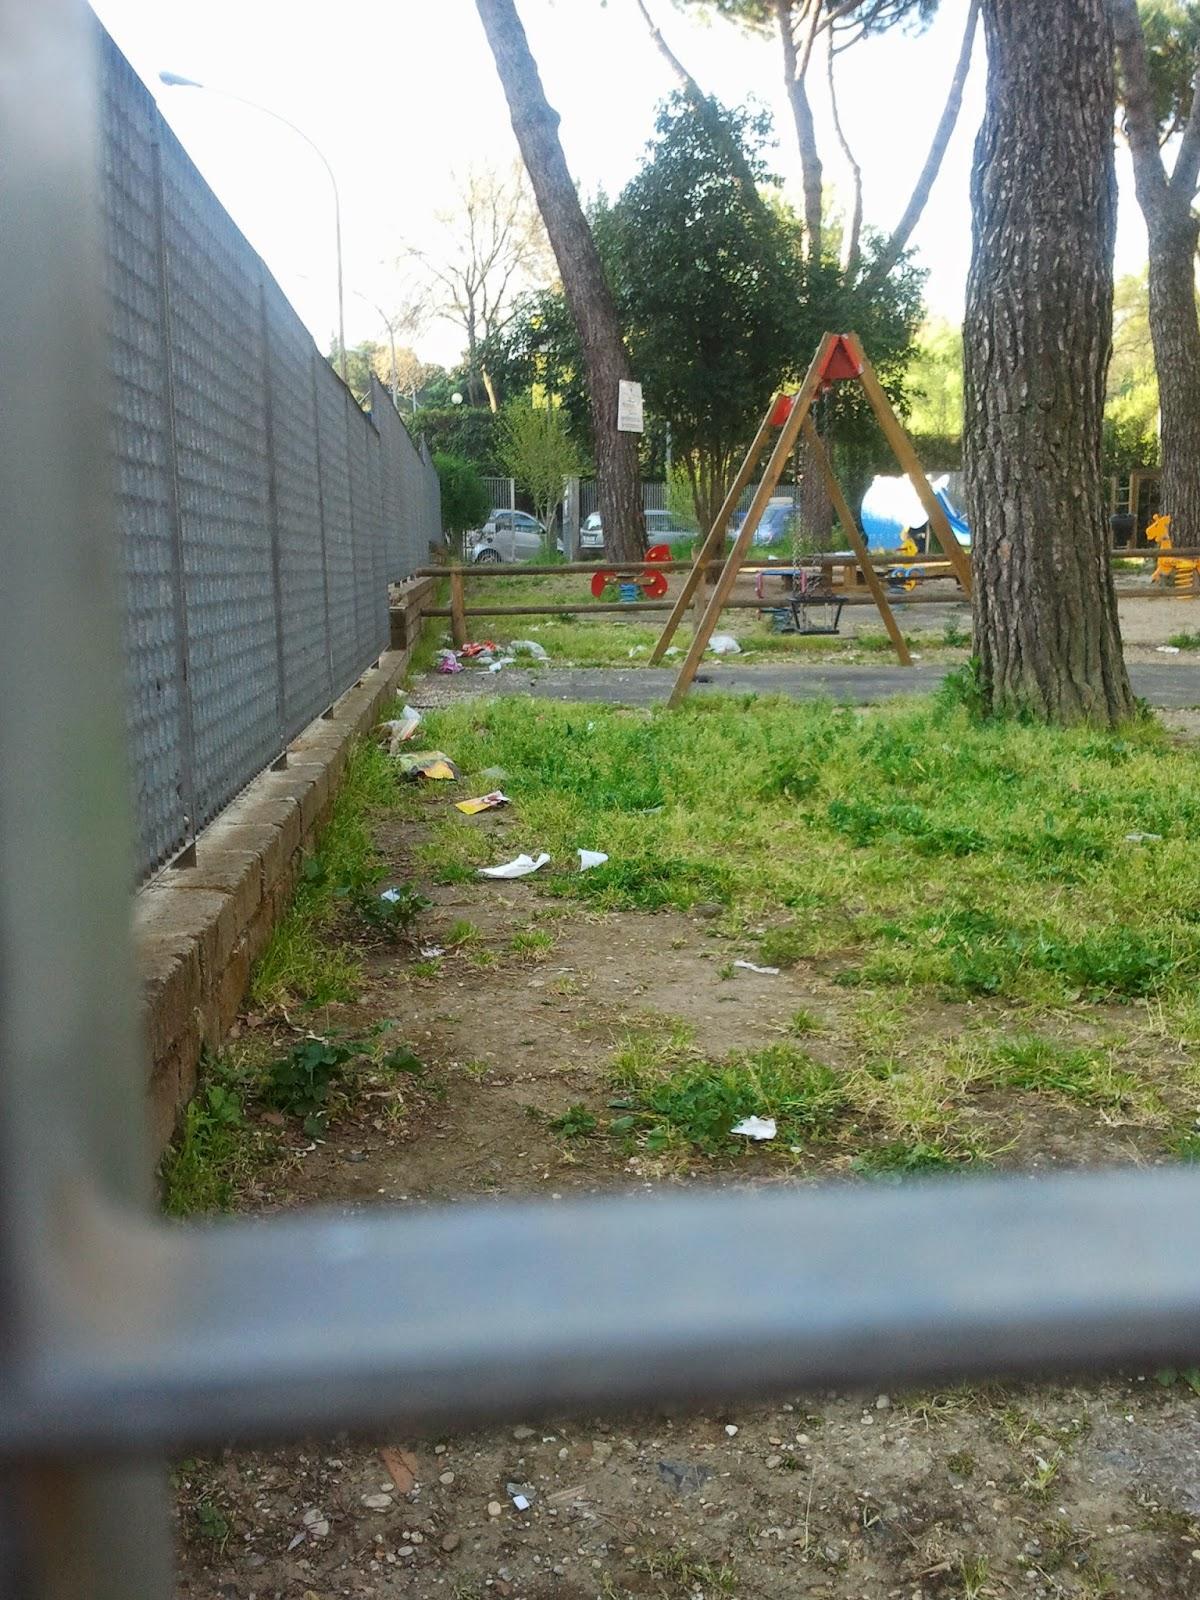 Parco giochi in via Roverella a Roma: degrado e abbandono delle aree per i bimbi sono un problema diffuso nella Capitale (foto: romafaschifo.com)